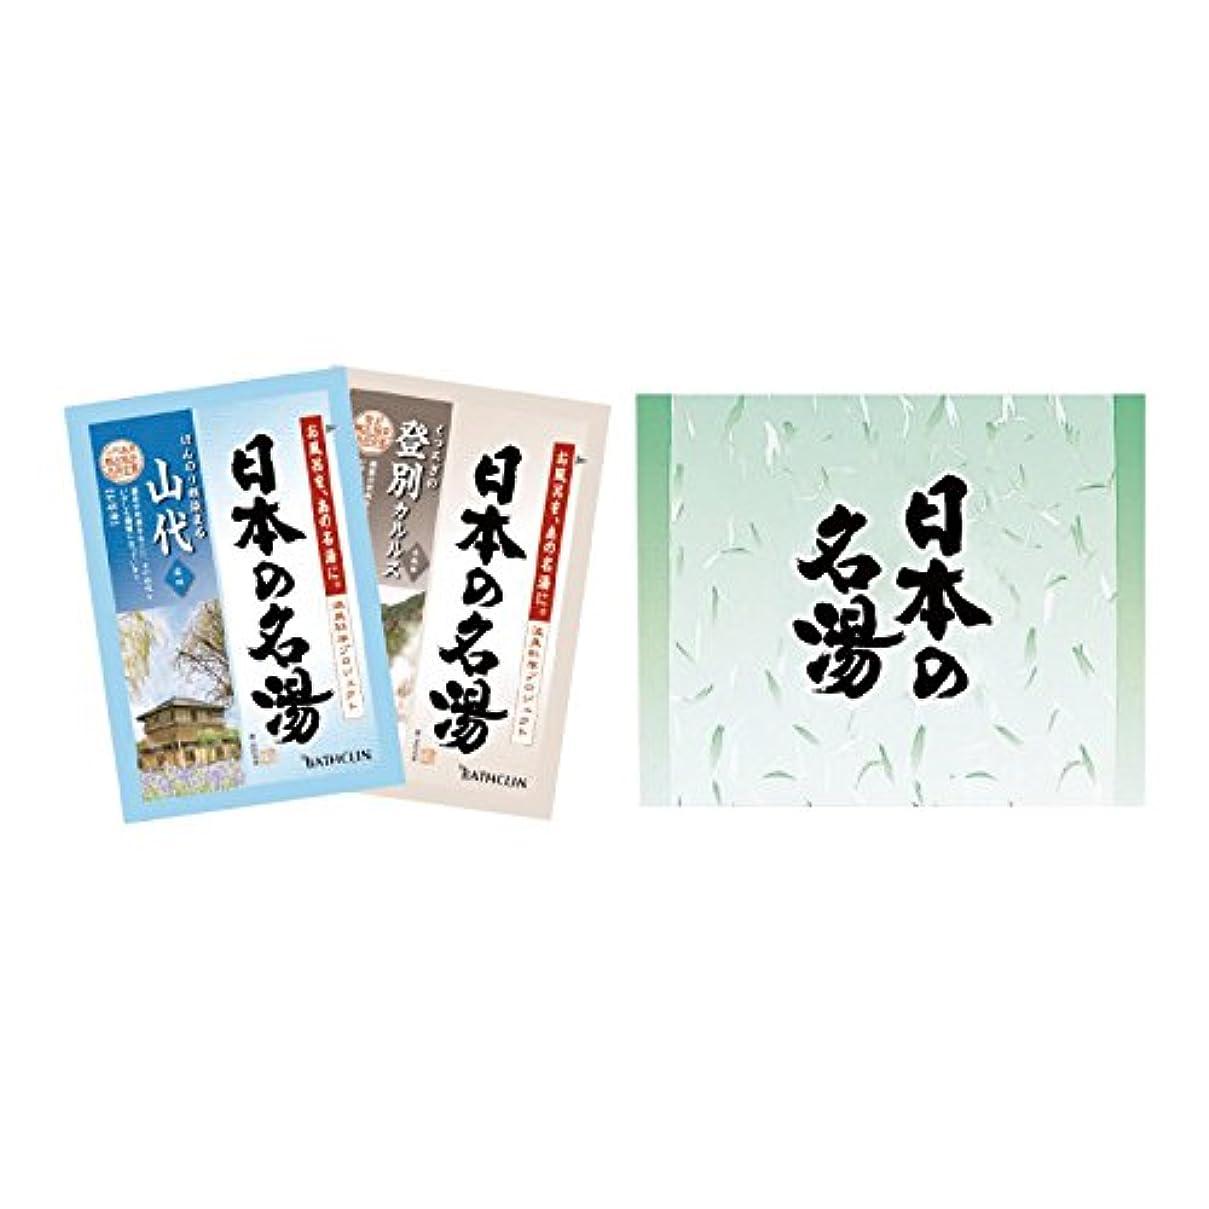 ライフル繊細管理日本の名湯 入浴剤 2包入